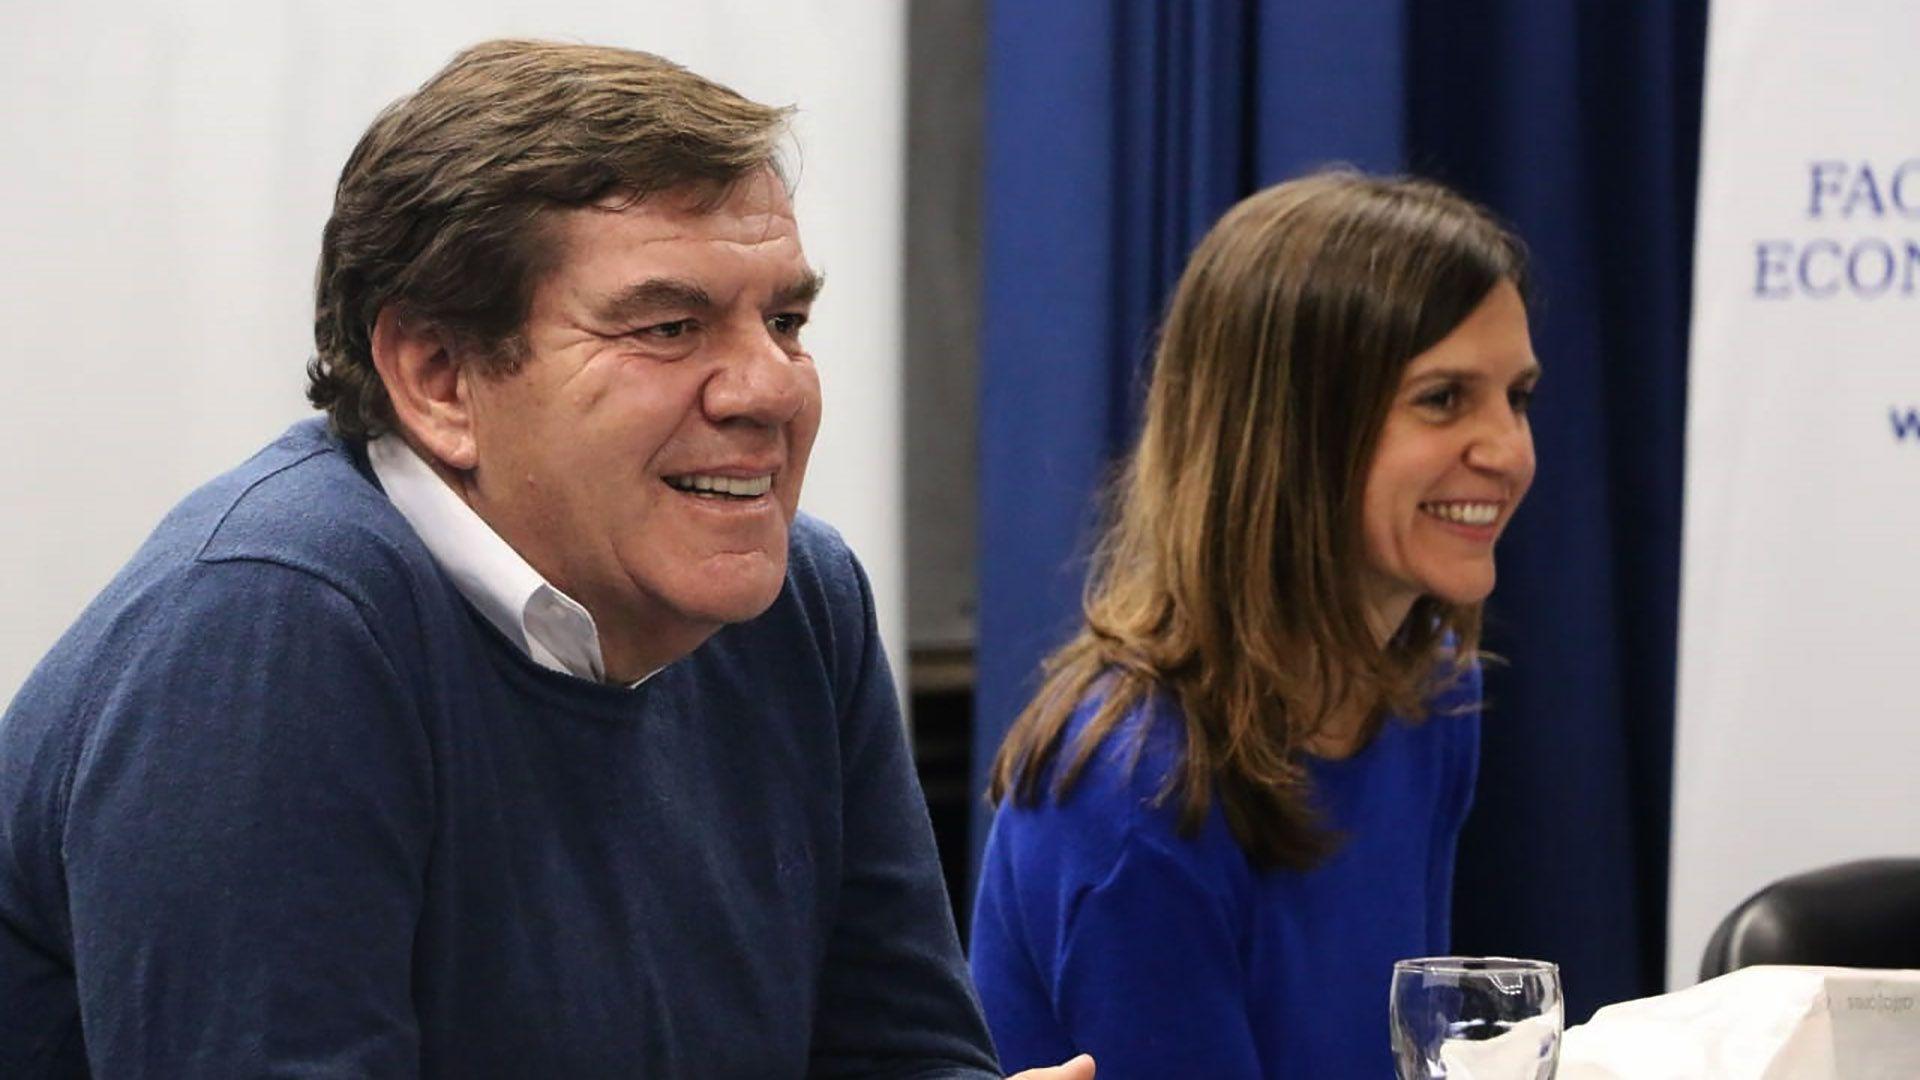 Los precandidatos a intendentes de General Pueyrredón, Guillermo Montenegro (Juntos por el Cambio) y Fernanda Raverta (Frente de Todos).